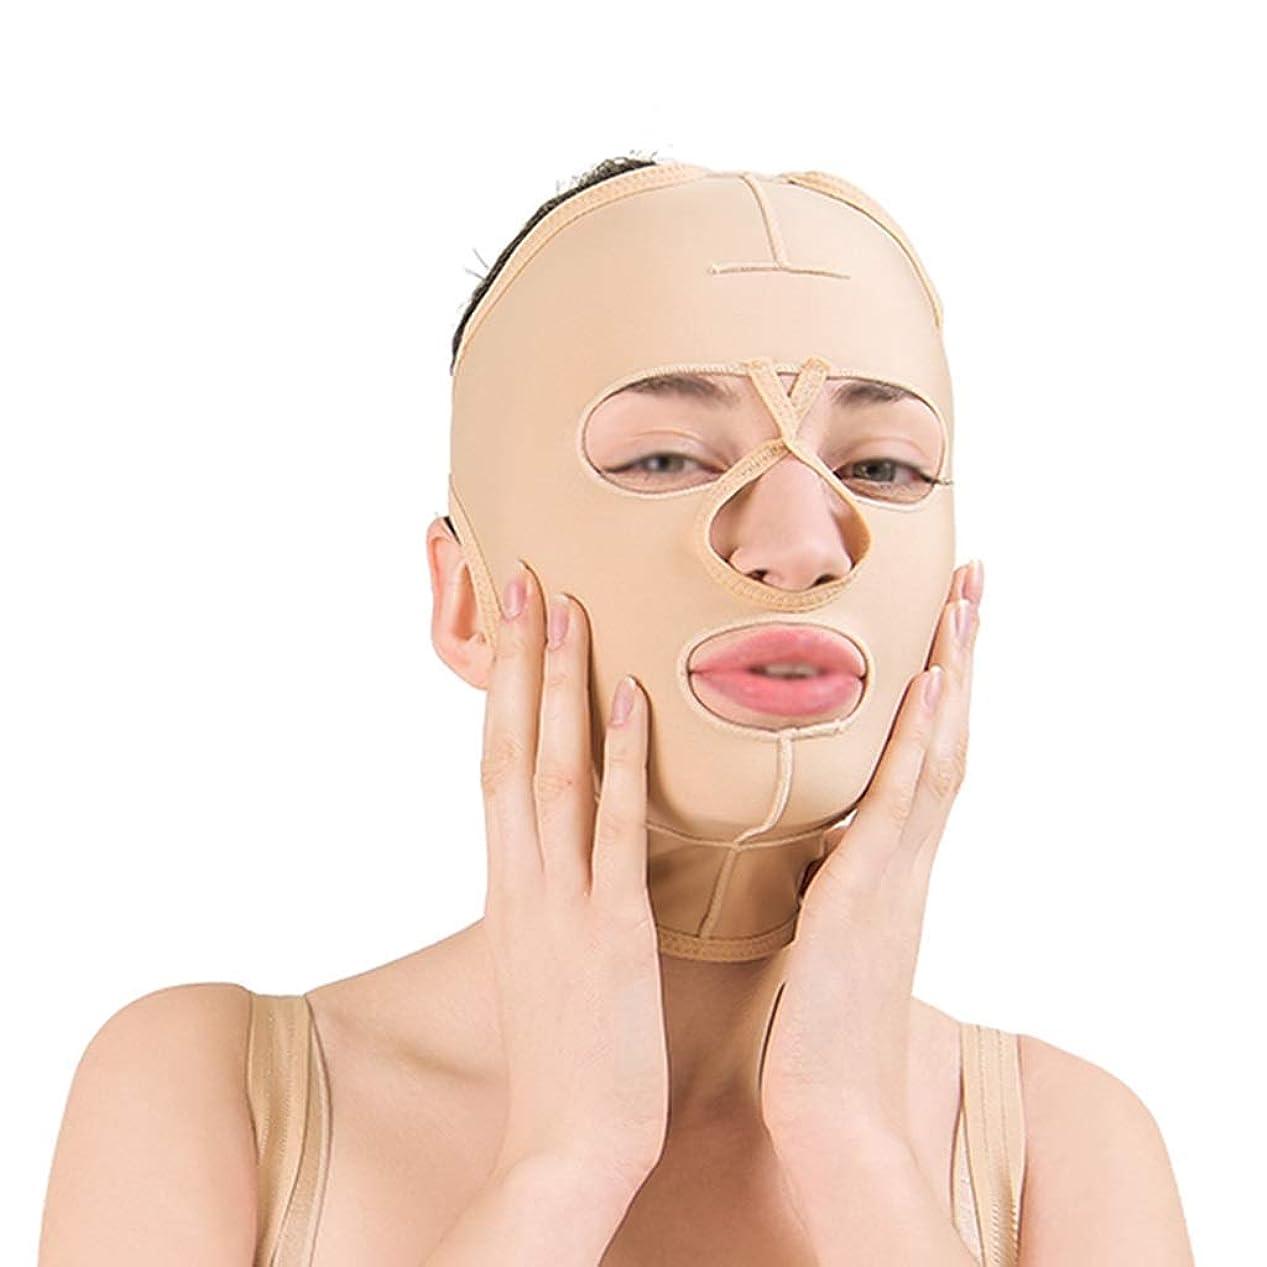 無傷コンデンサー記念品フェイススリミングマスク、フェイスバンデージ付きフェイシャル減量マスク、通気性フェイスリフト、引き締め、フェイスリフティング(サイズ:L),S